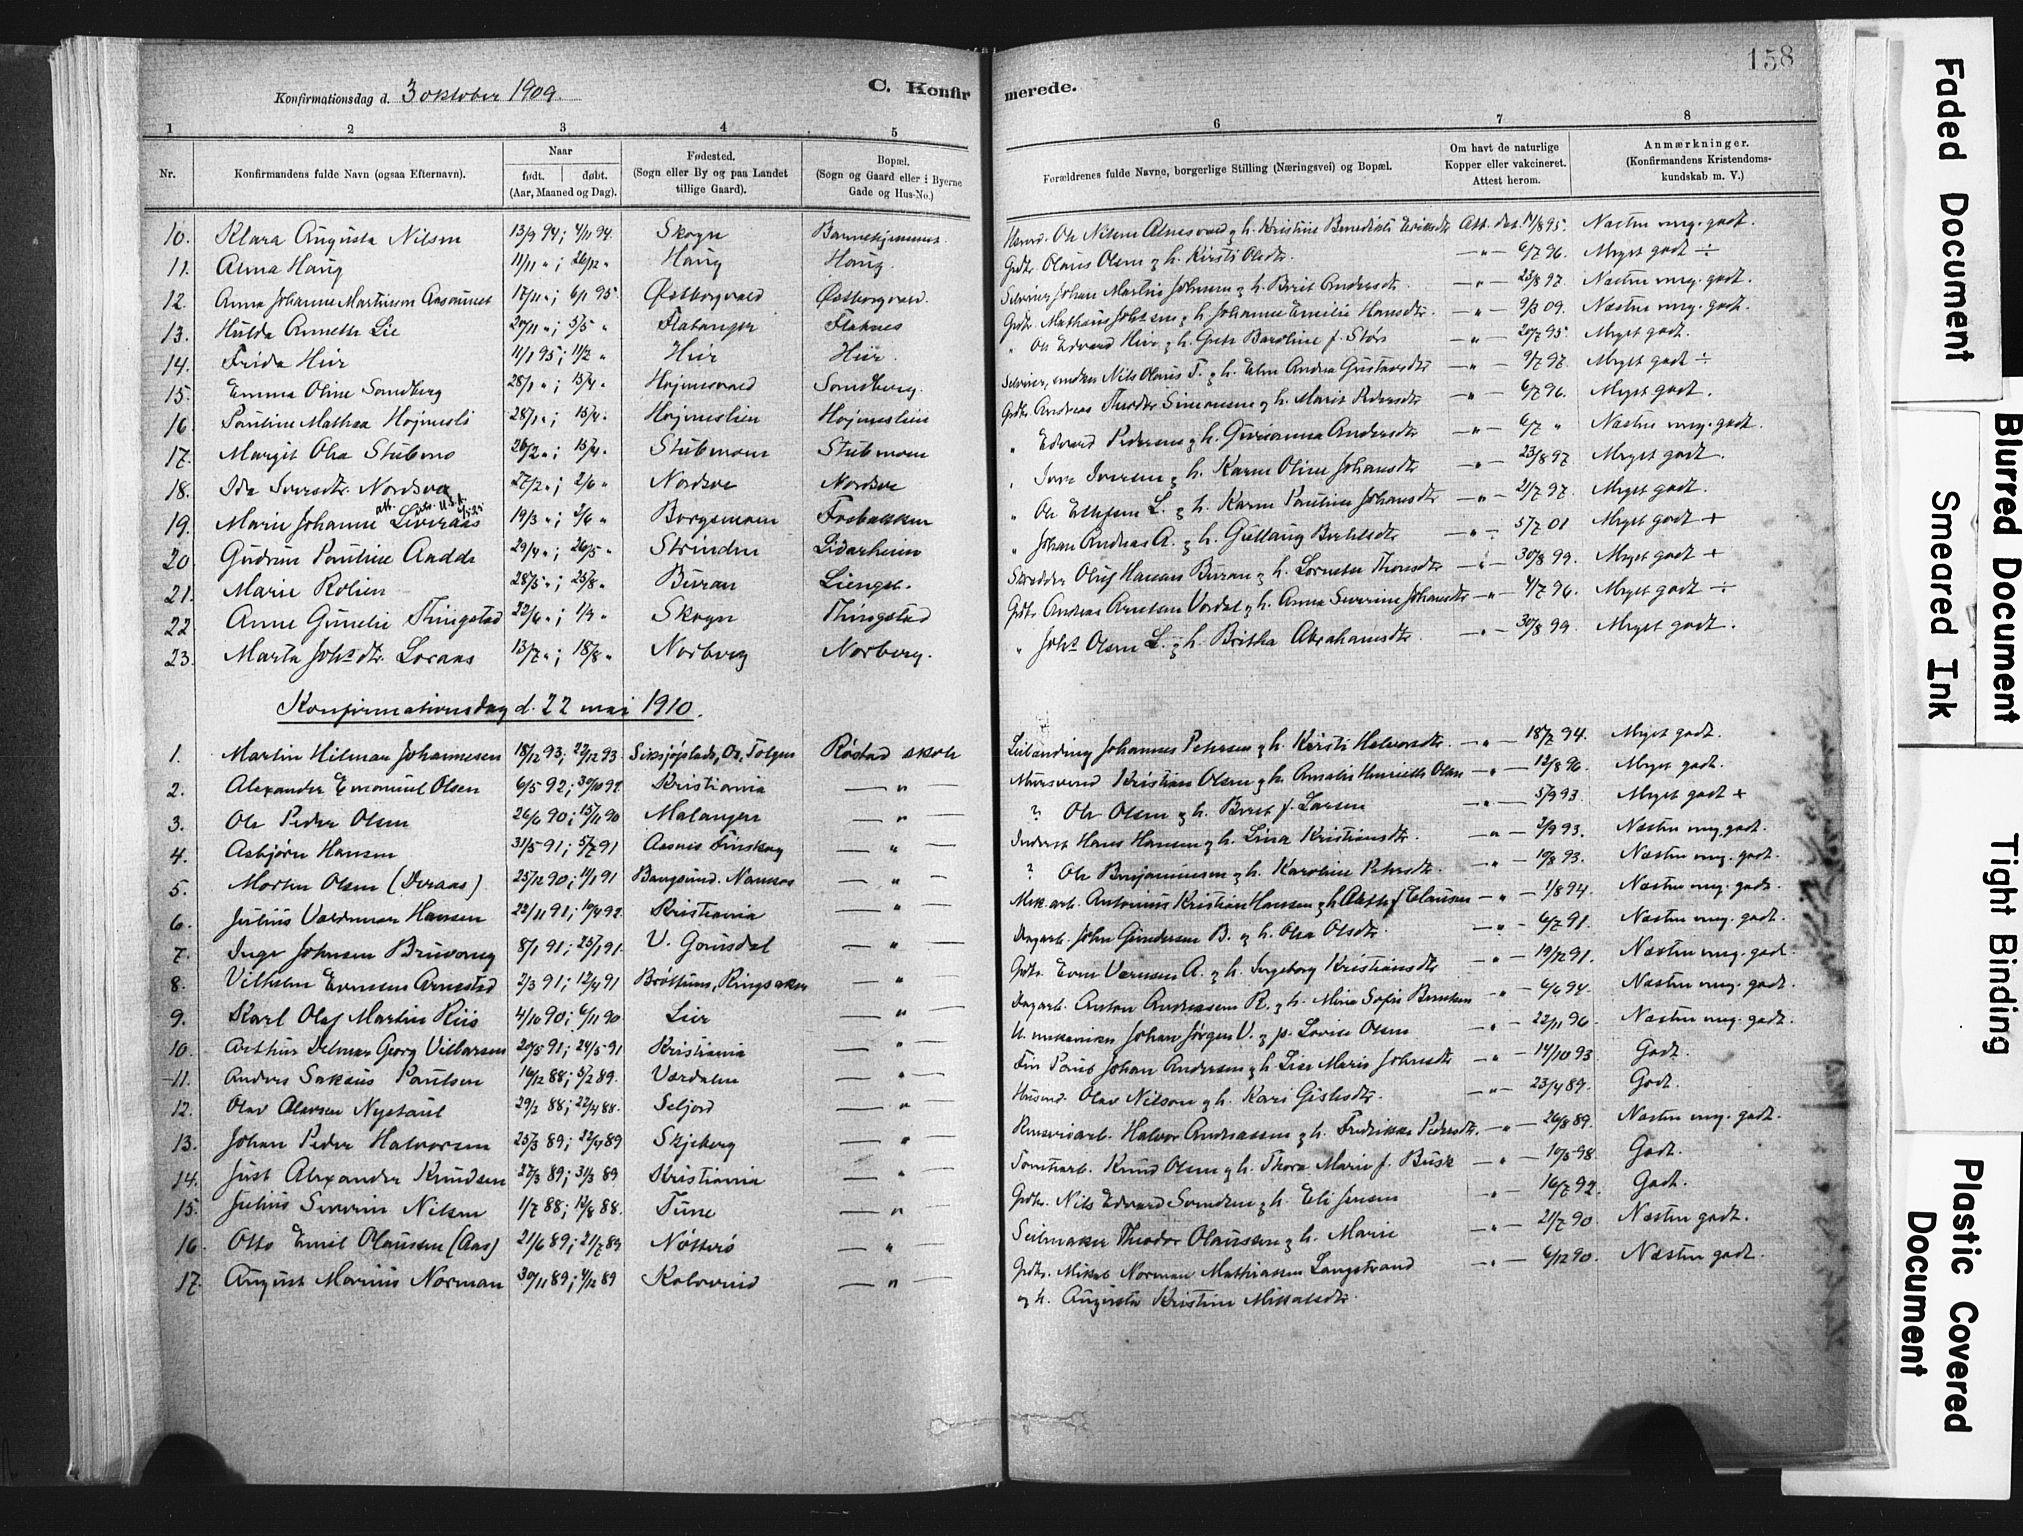 SAT, Ministerialprotokoller, klokkerbøker og fødselsregistre - Nord-Trøndelag, 721/L0207: Ministerialbok nr. 721A02, 1880-1911, s. 158